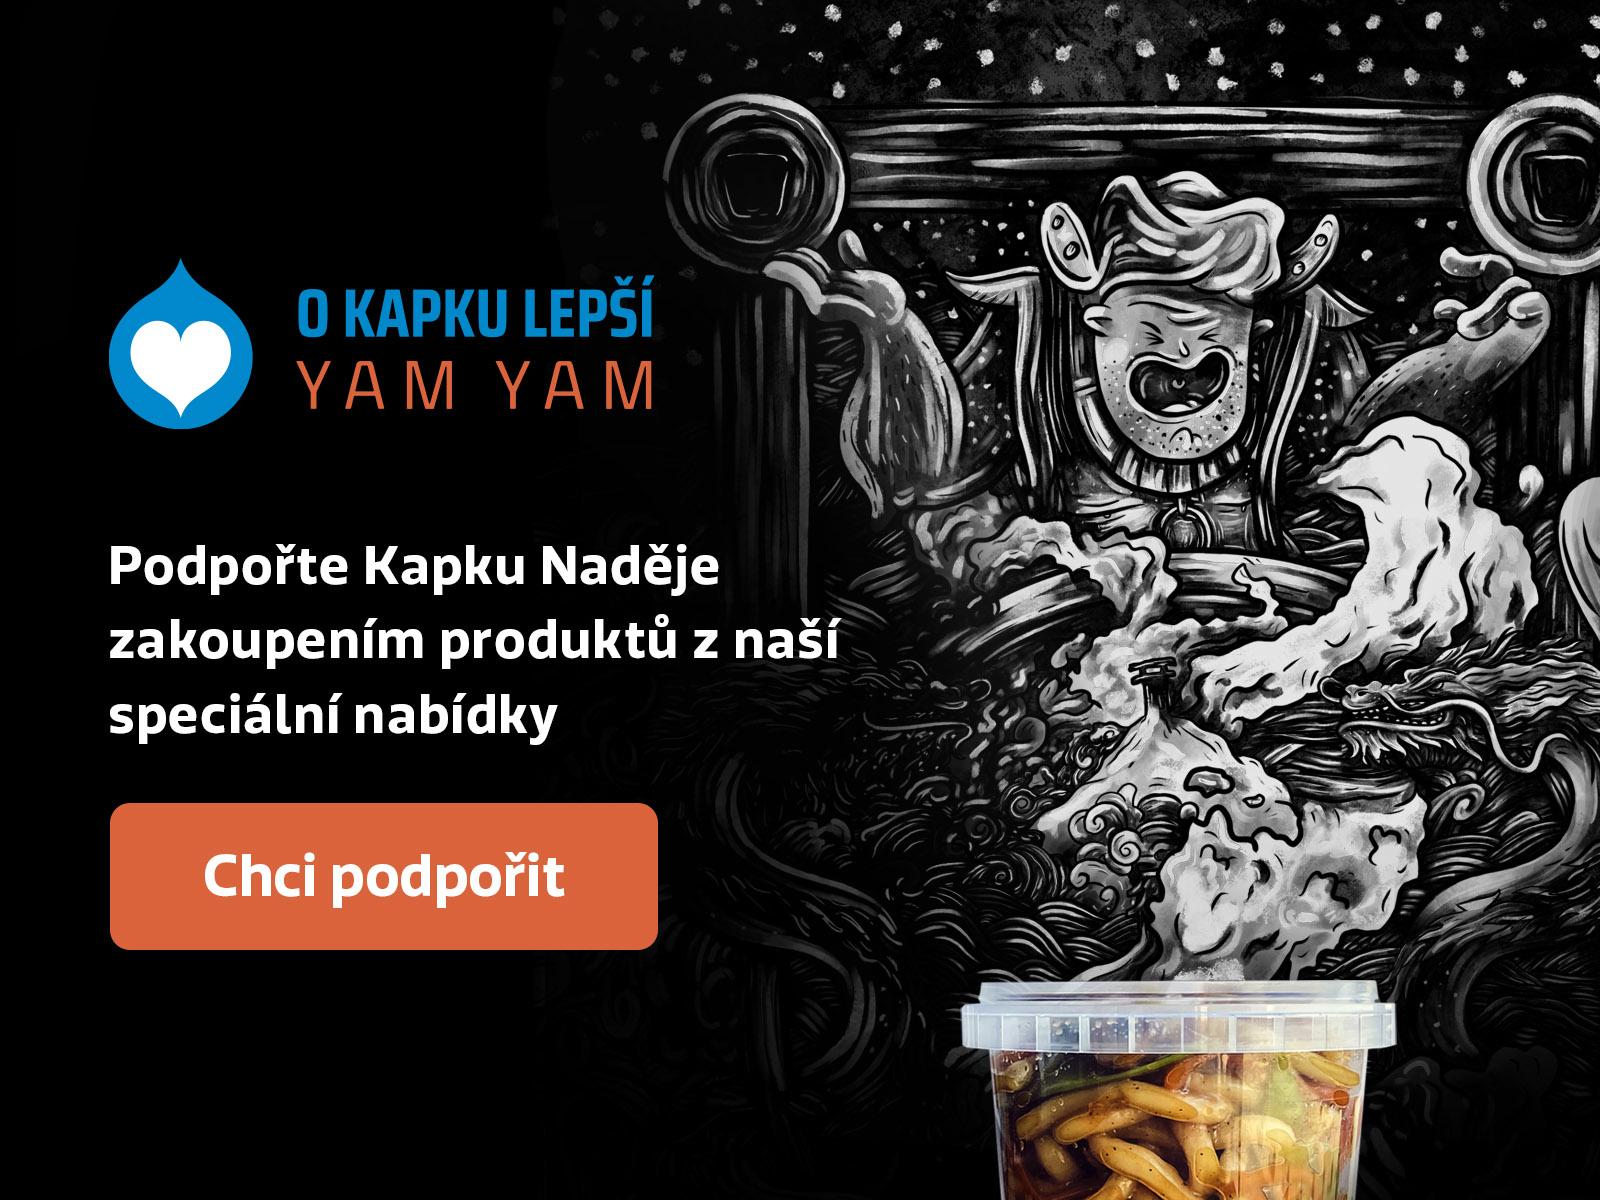 O kapku lepší Yam Yam - Podpořte Kapku Naděje zakoupením produktů z naší speciální nabídky